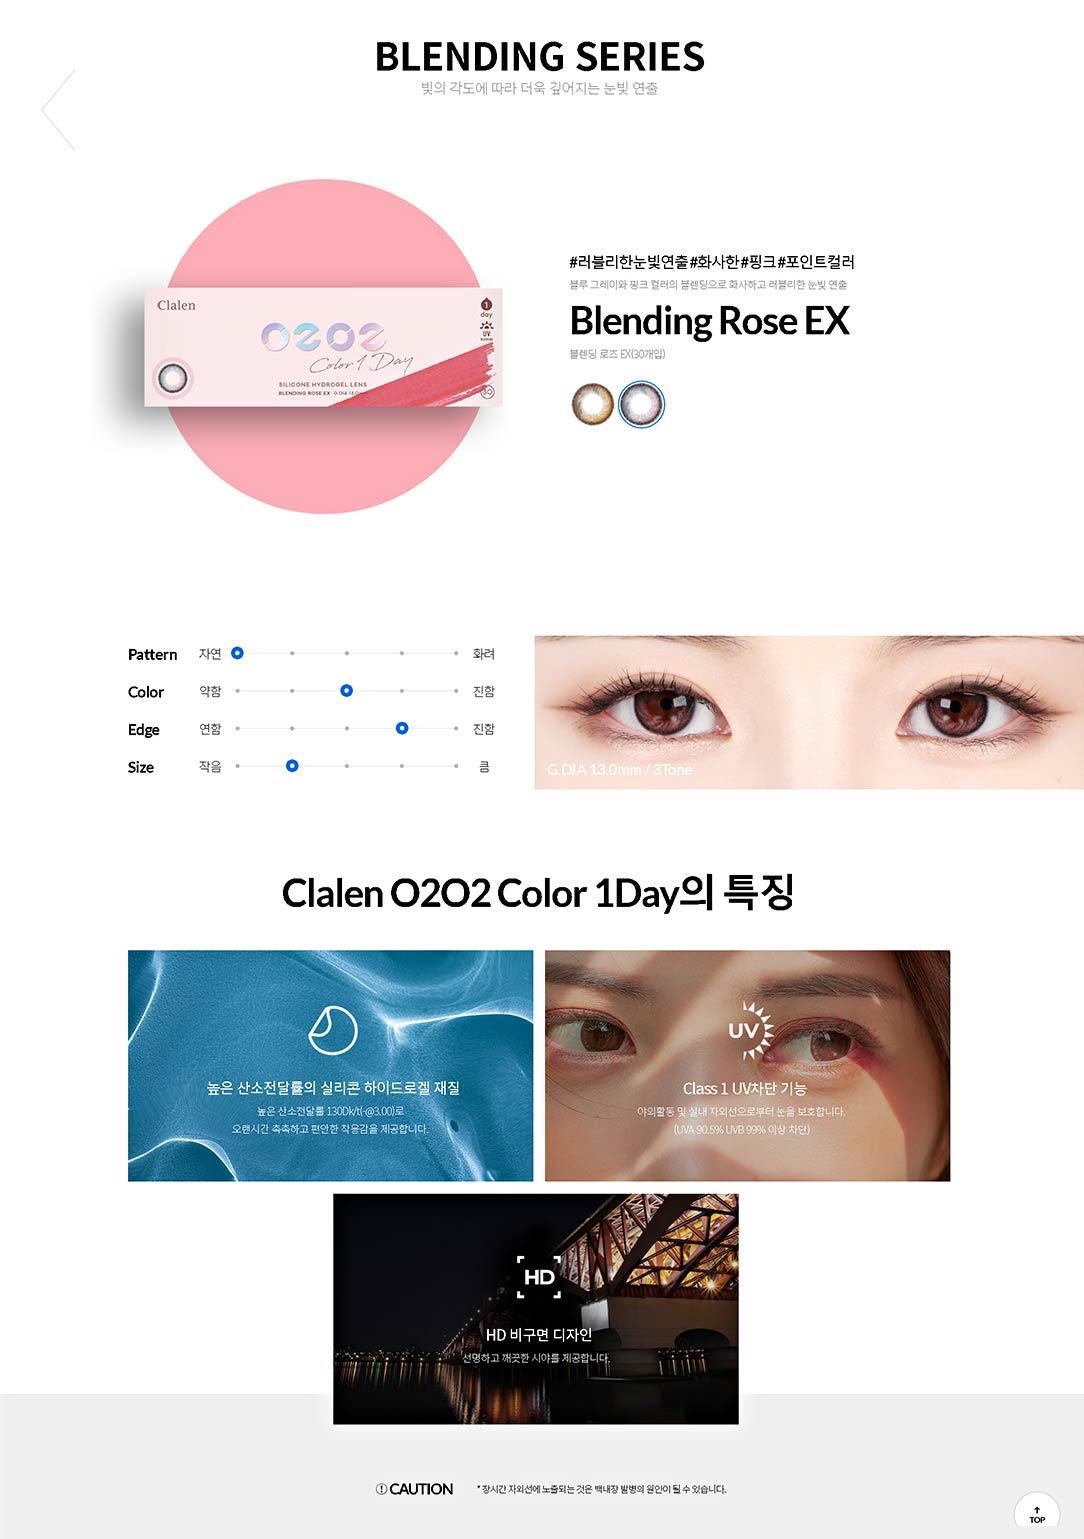 clalen-iris-o2o2-blending-rozeex.jpg